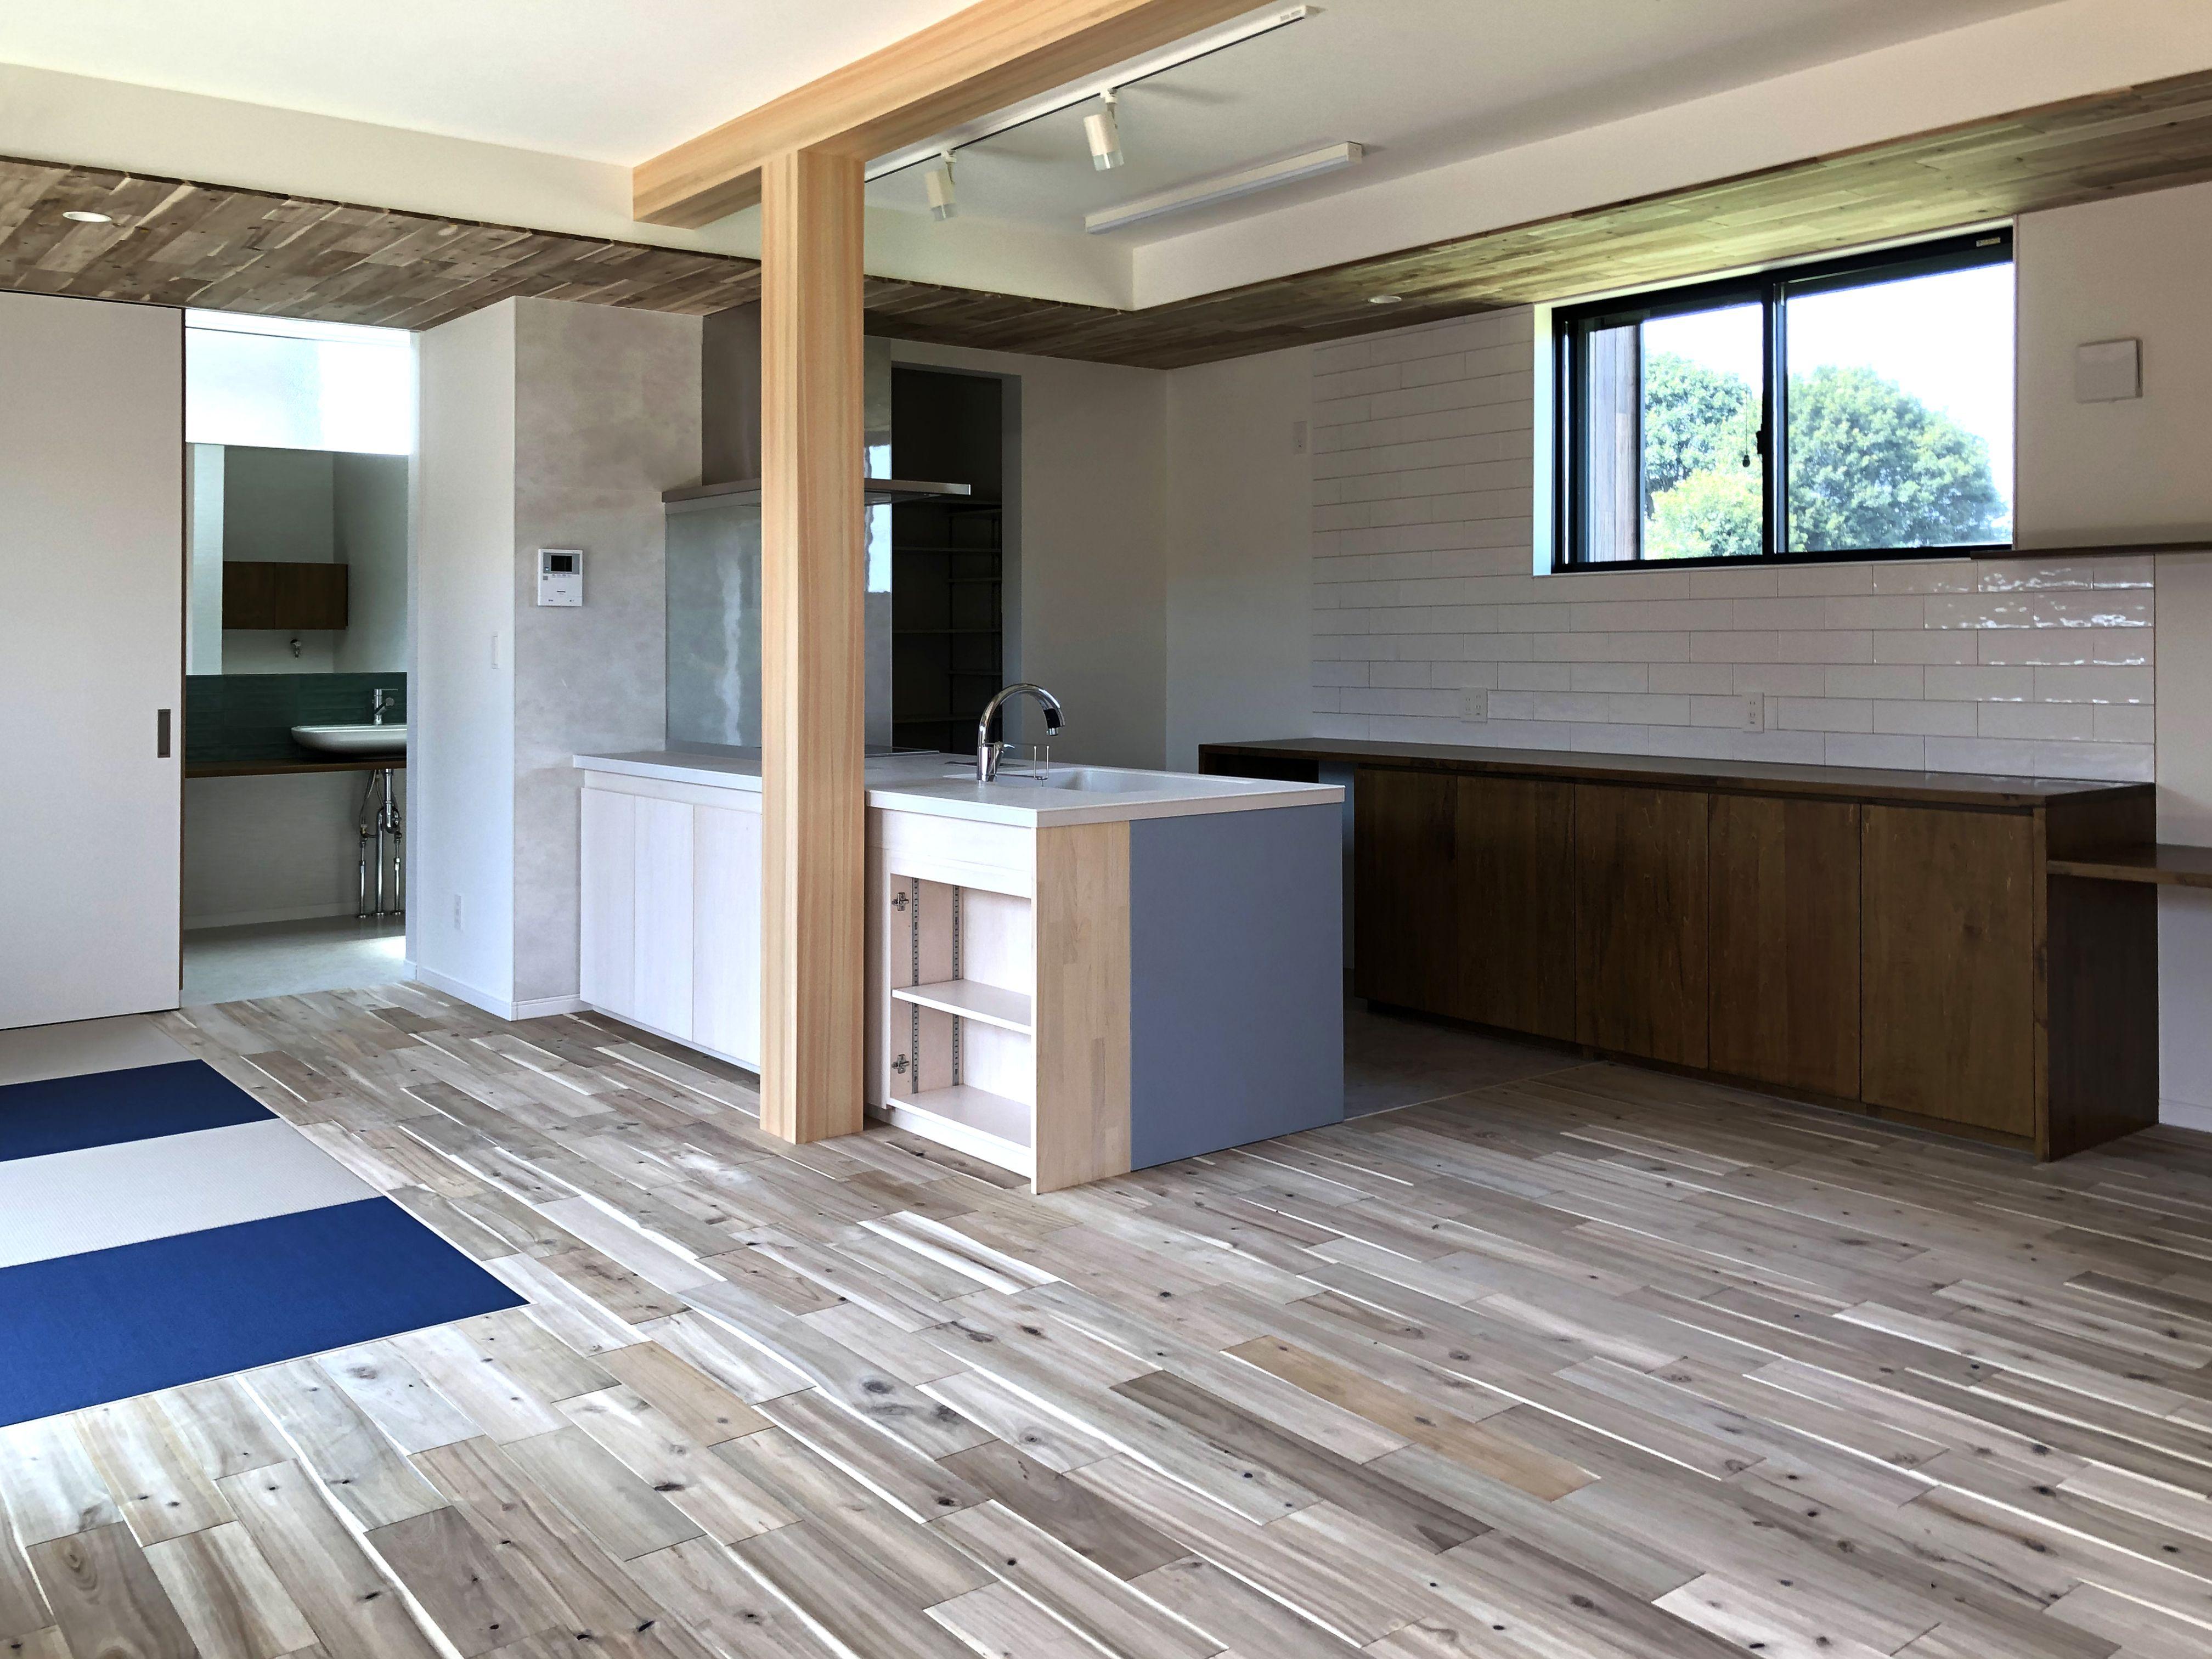 インテリア Ldk リビング ダイニング キッチン 畳コーナー 機能